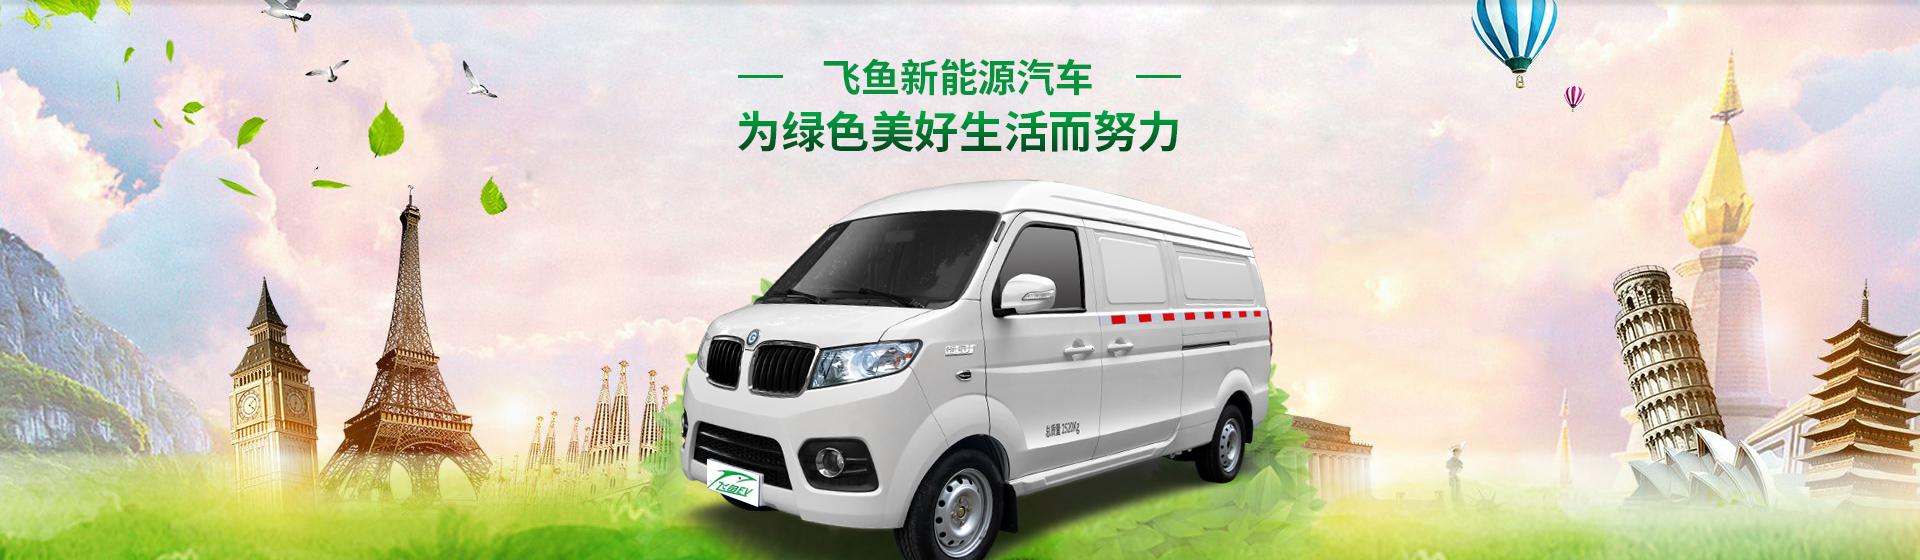 新能源汽车租赁公司